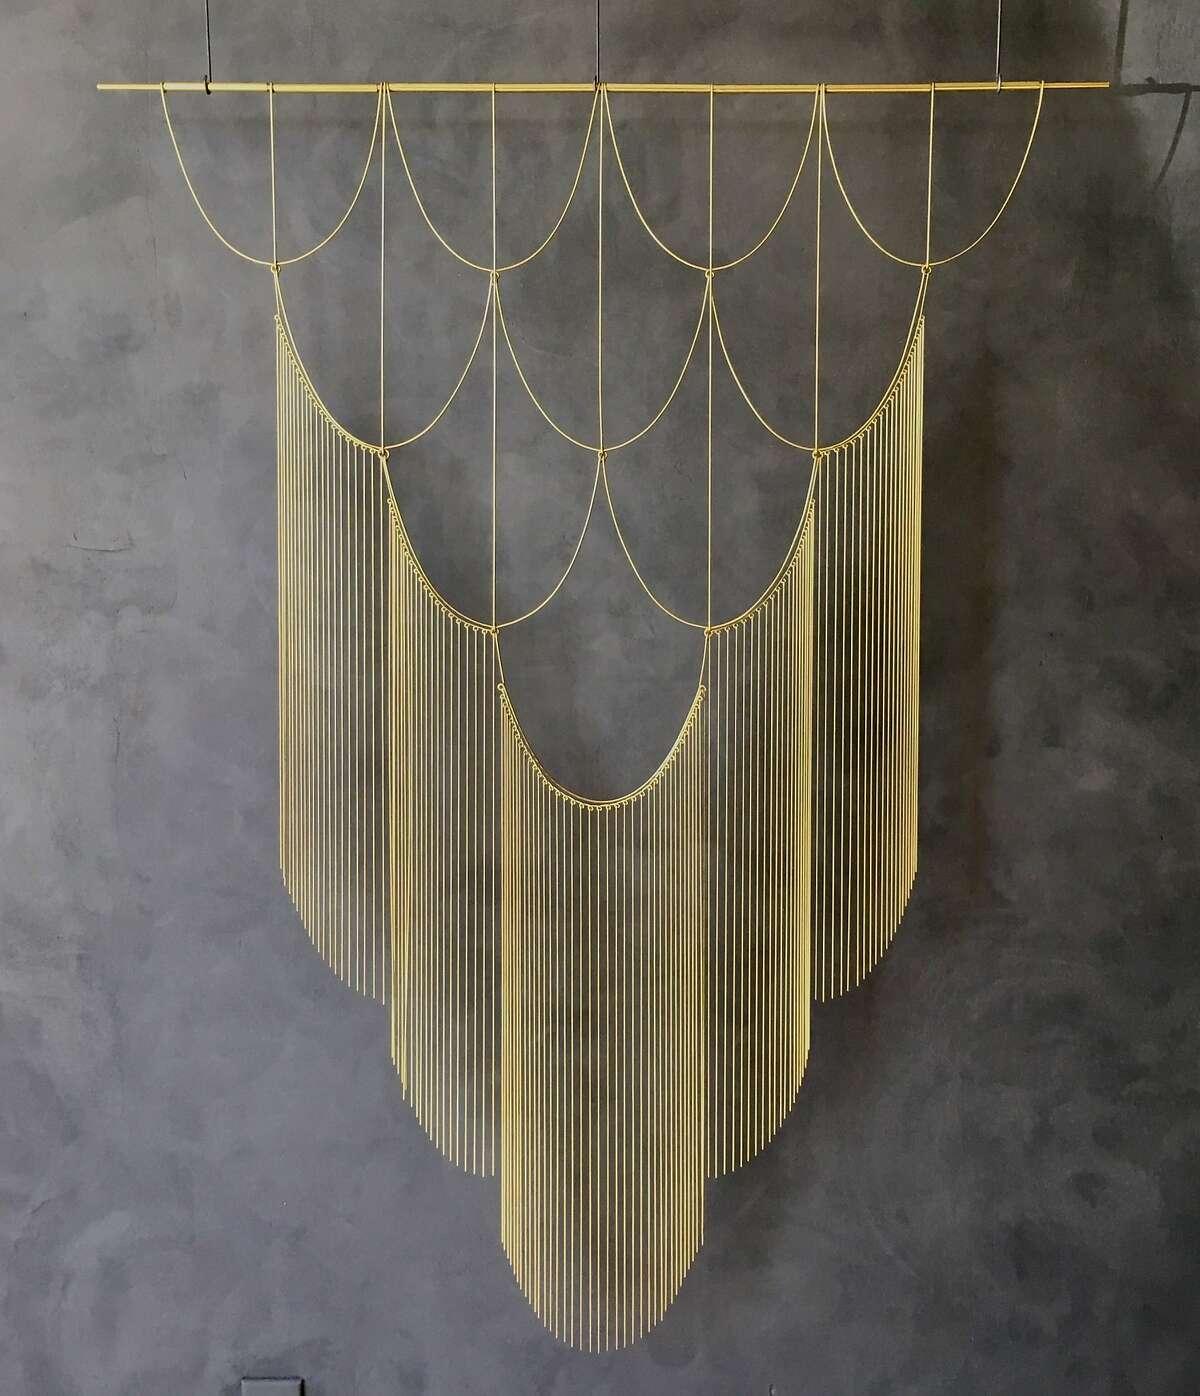 A sculpture created by Beth Naumann.